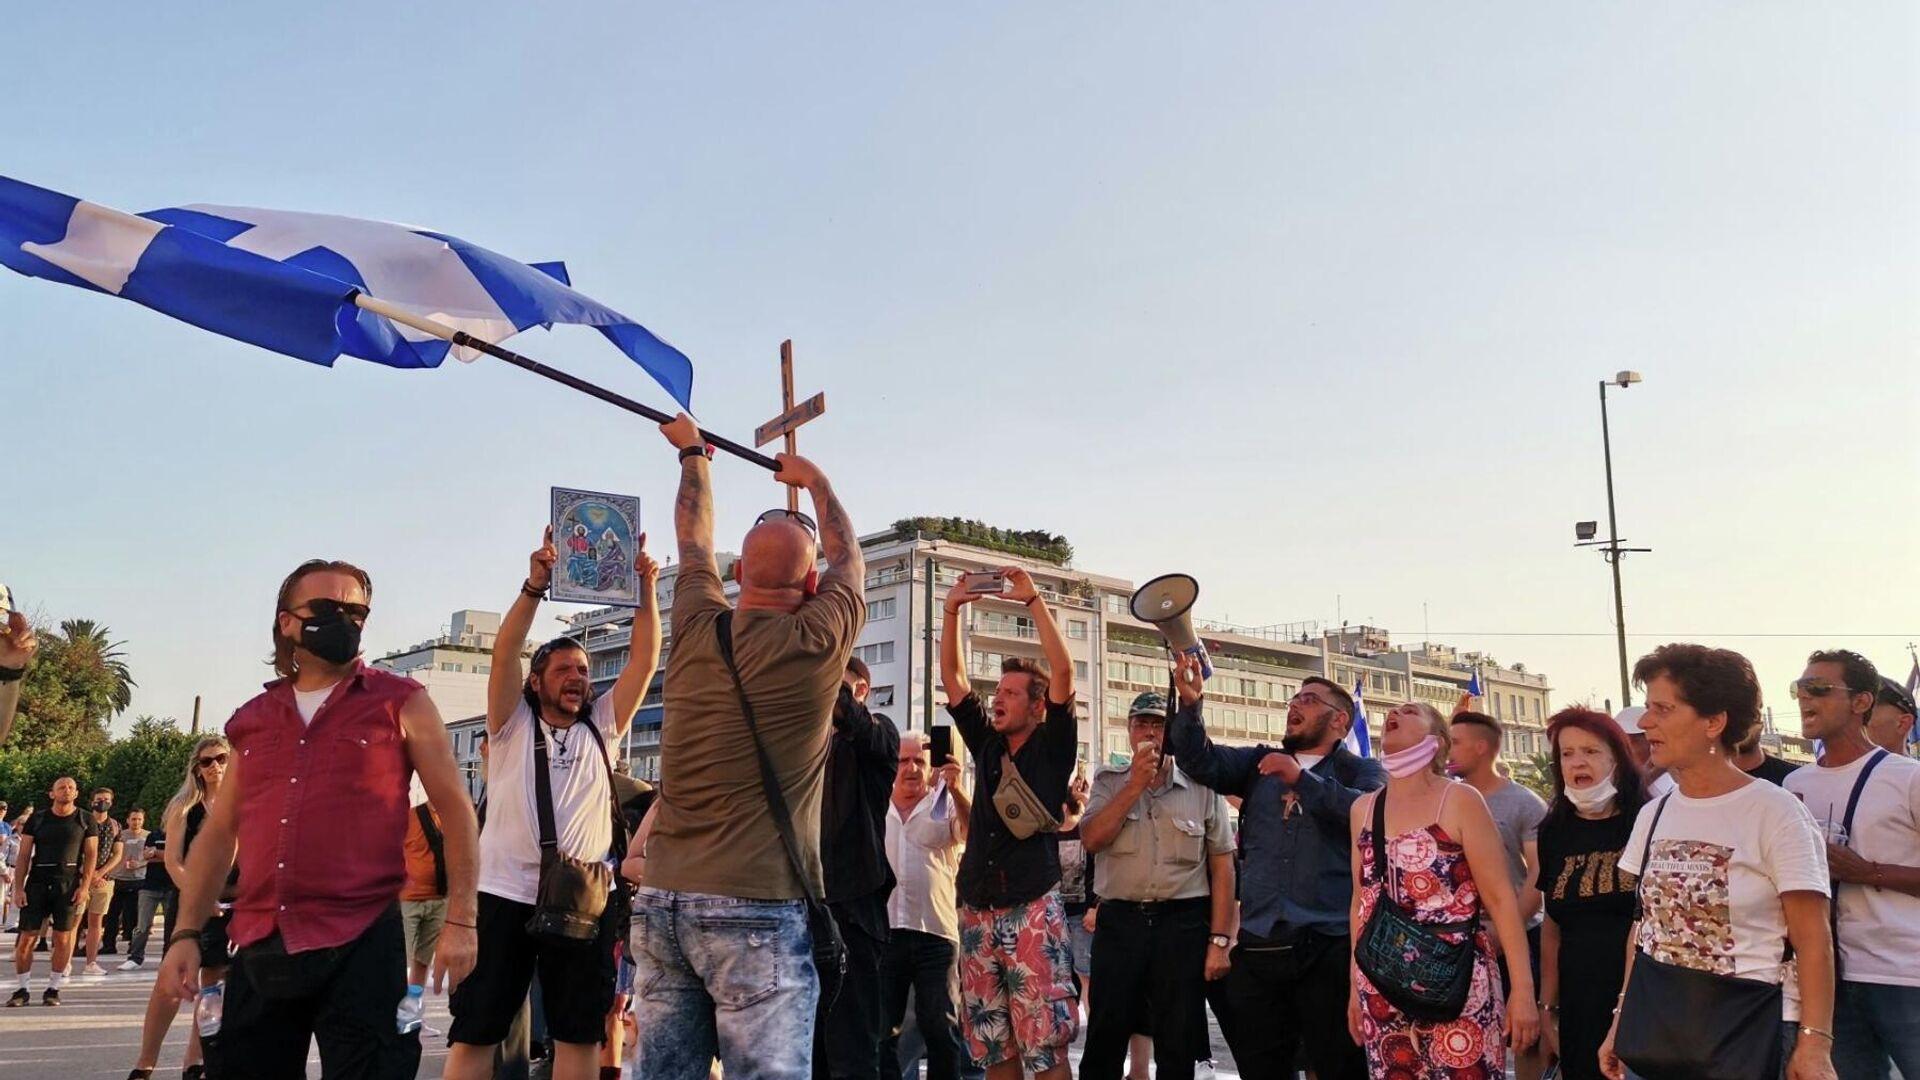 Σημαίες, σταυροί και συνθήματα στη συγκέντρωση αντιεμβολιαστών στο Σύνταγμα - Sputnik Ελλάδα, 1920, 26.09.2021